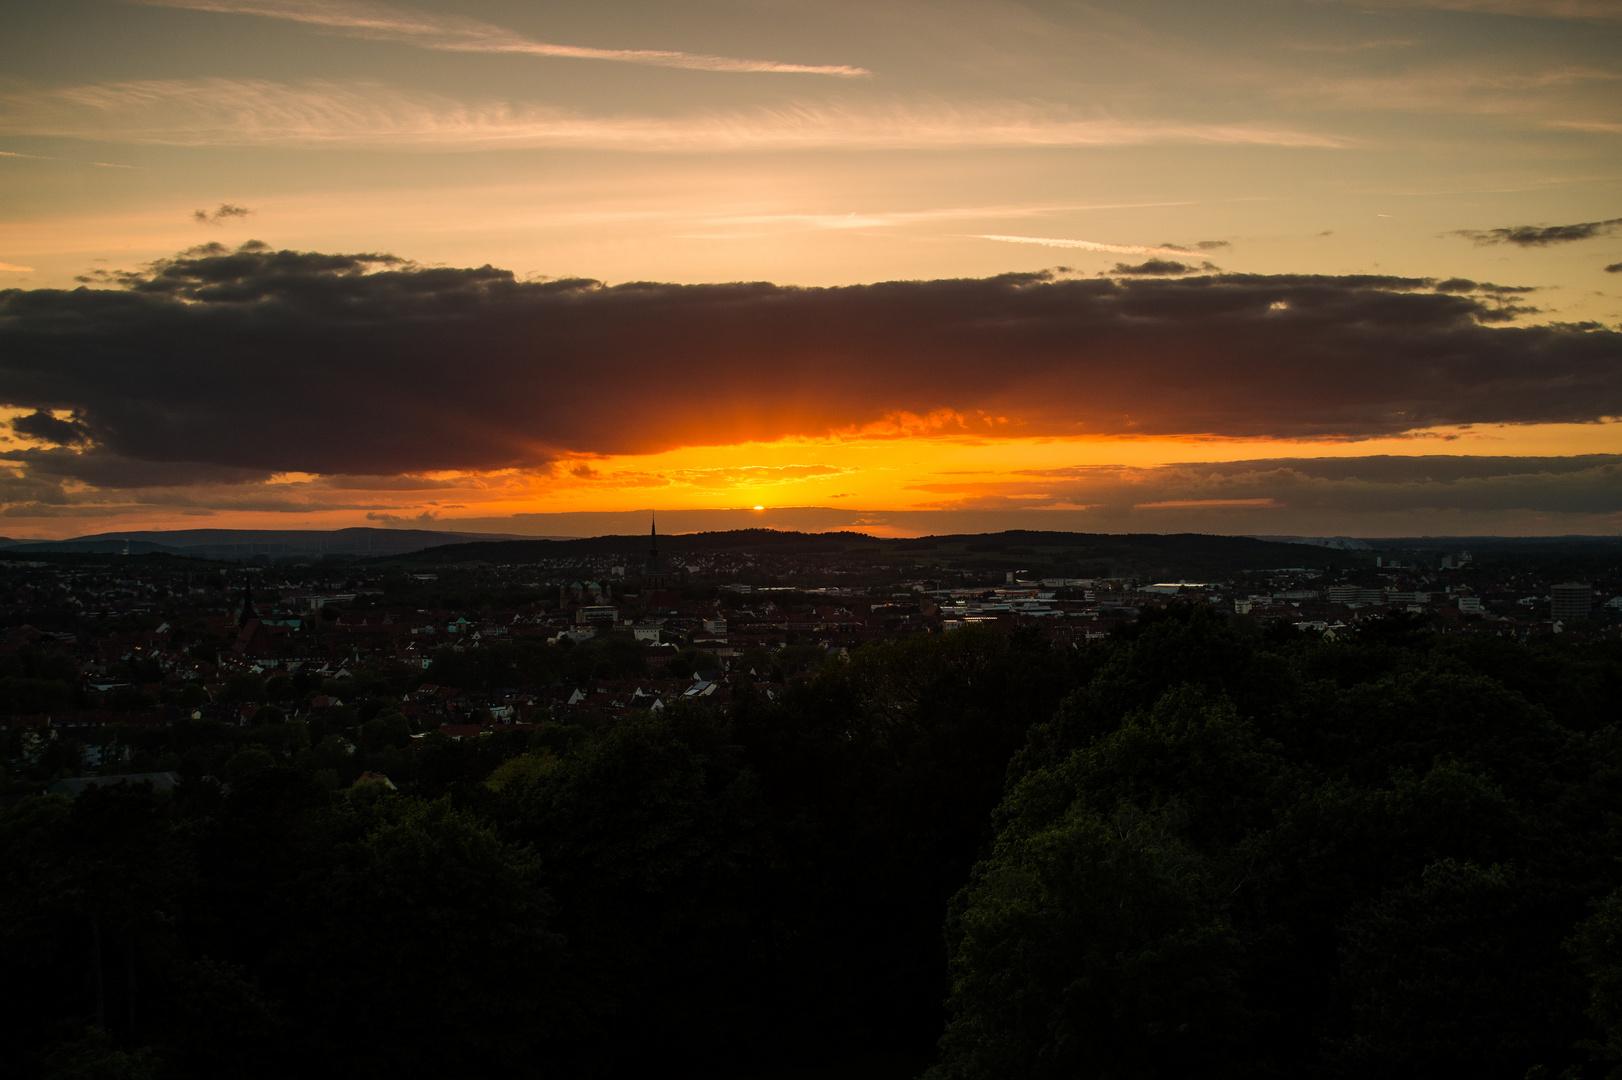 Sonnenuntergang vom Bismarckturm